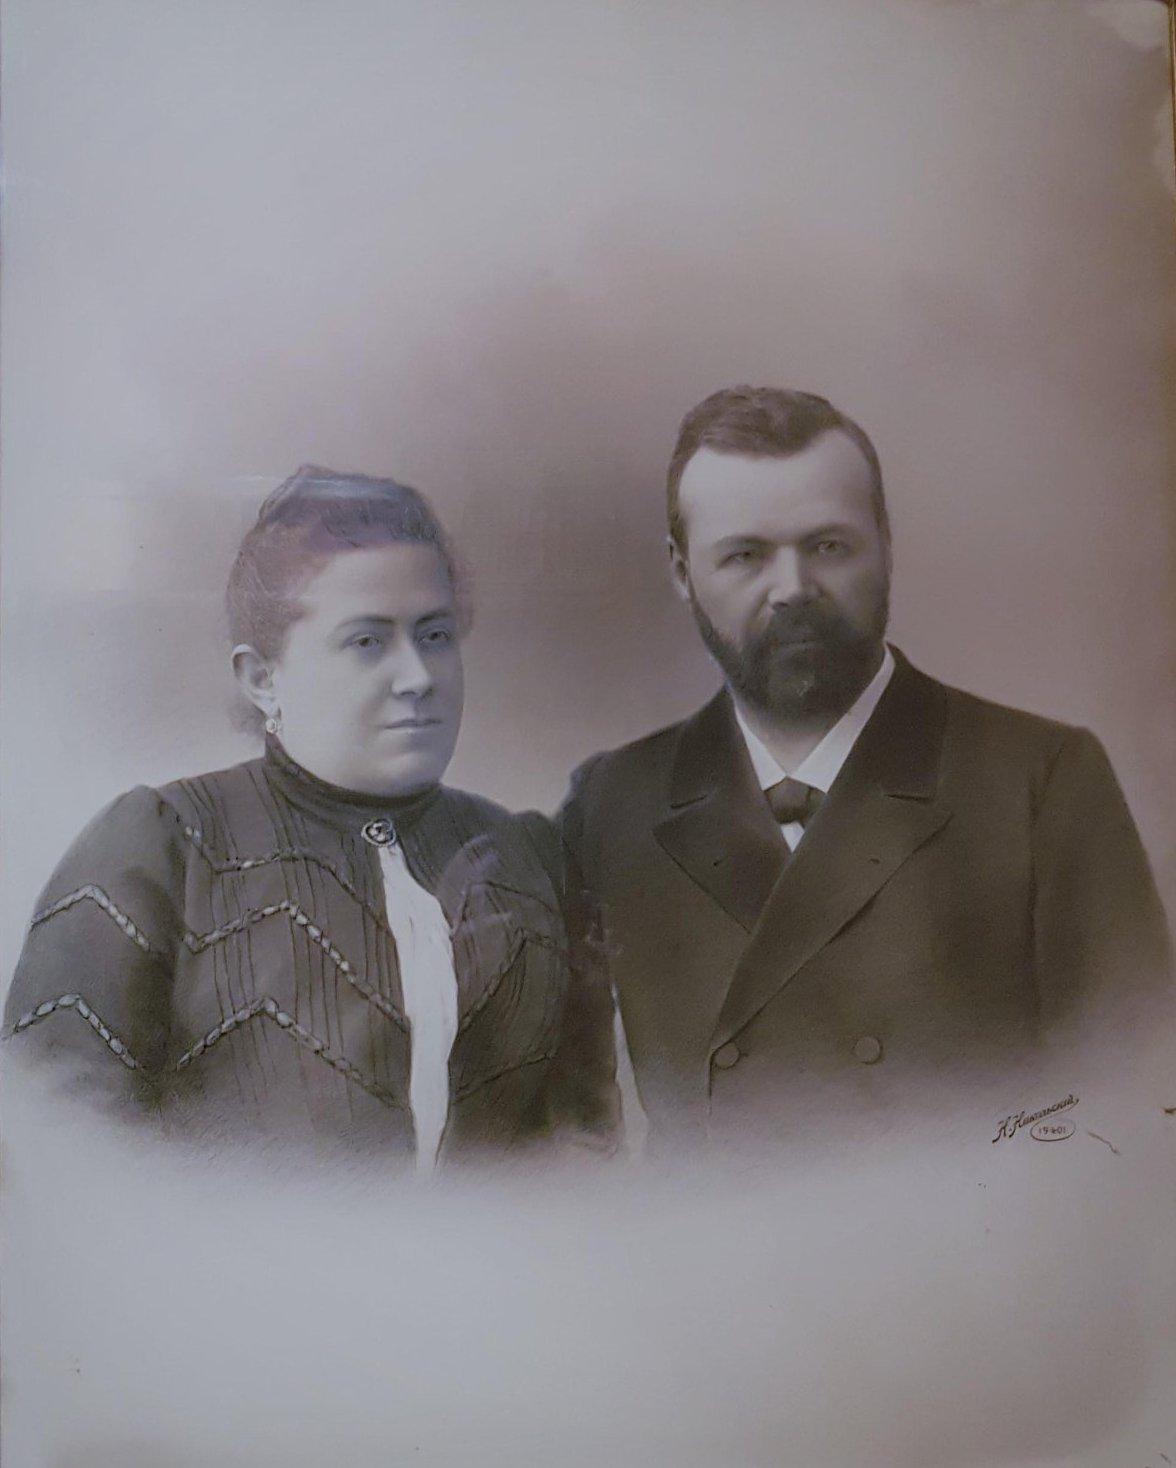 19. 1901. Сытин И.Д. и Сытина Е.И. Парадный семейный портрет, сделан к 25-летию семейной жизни.